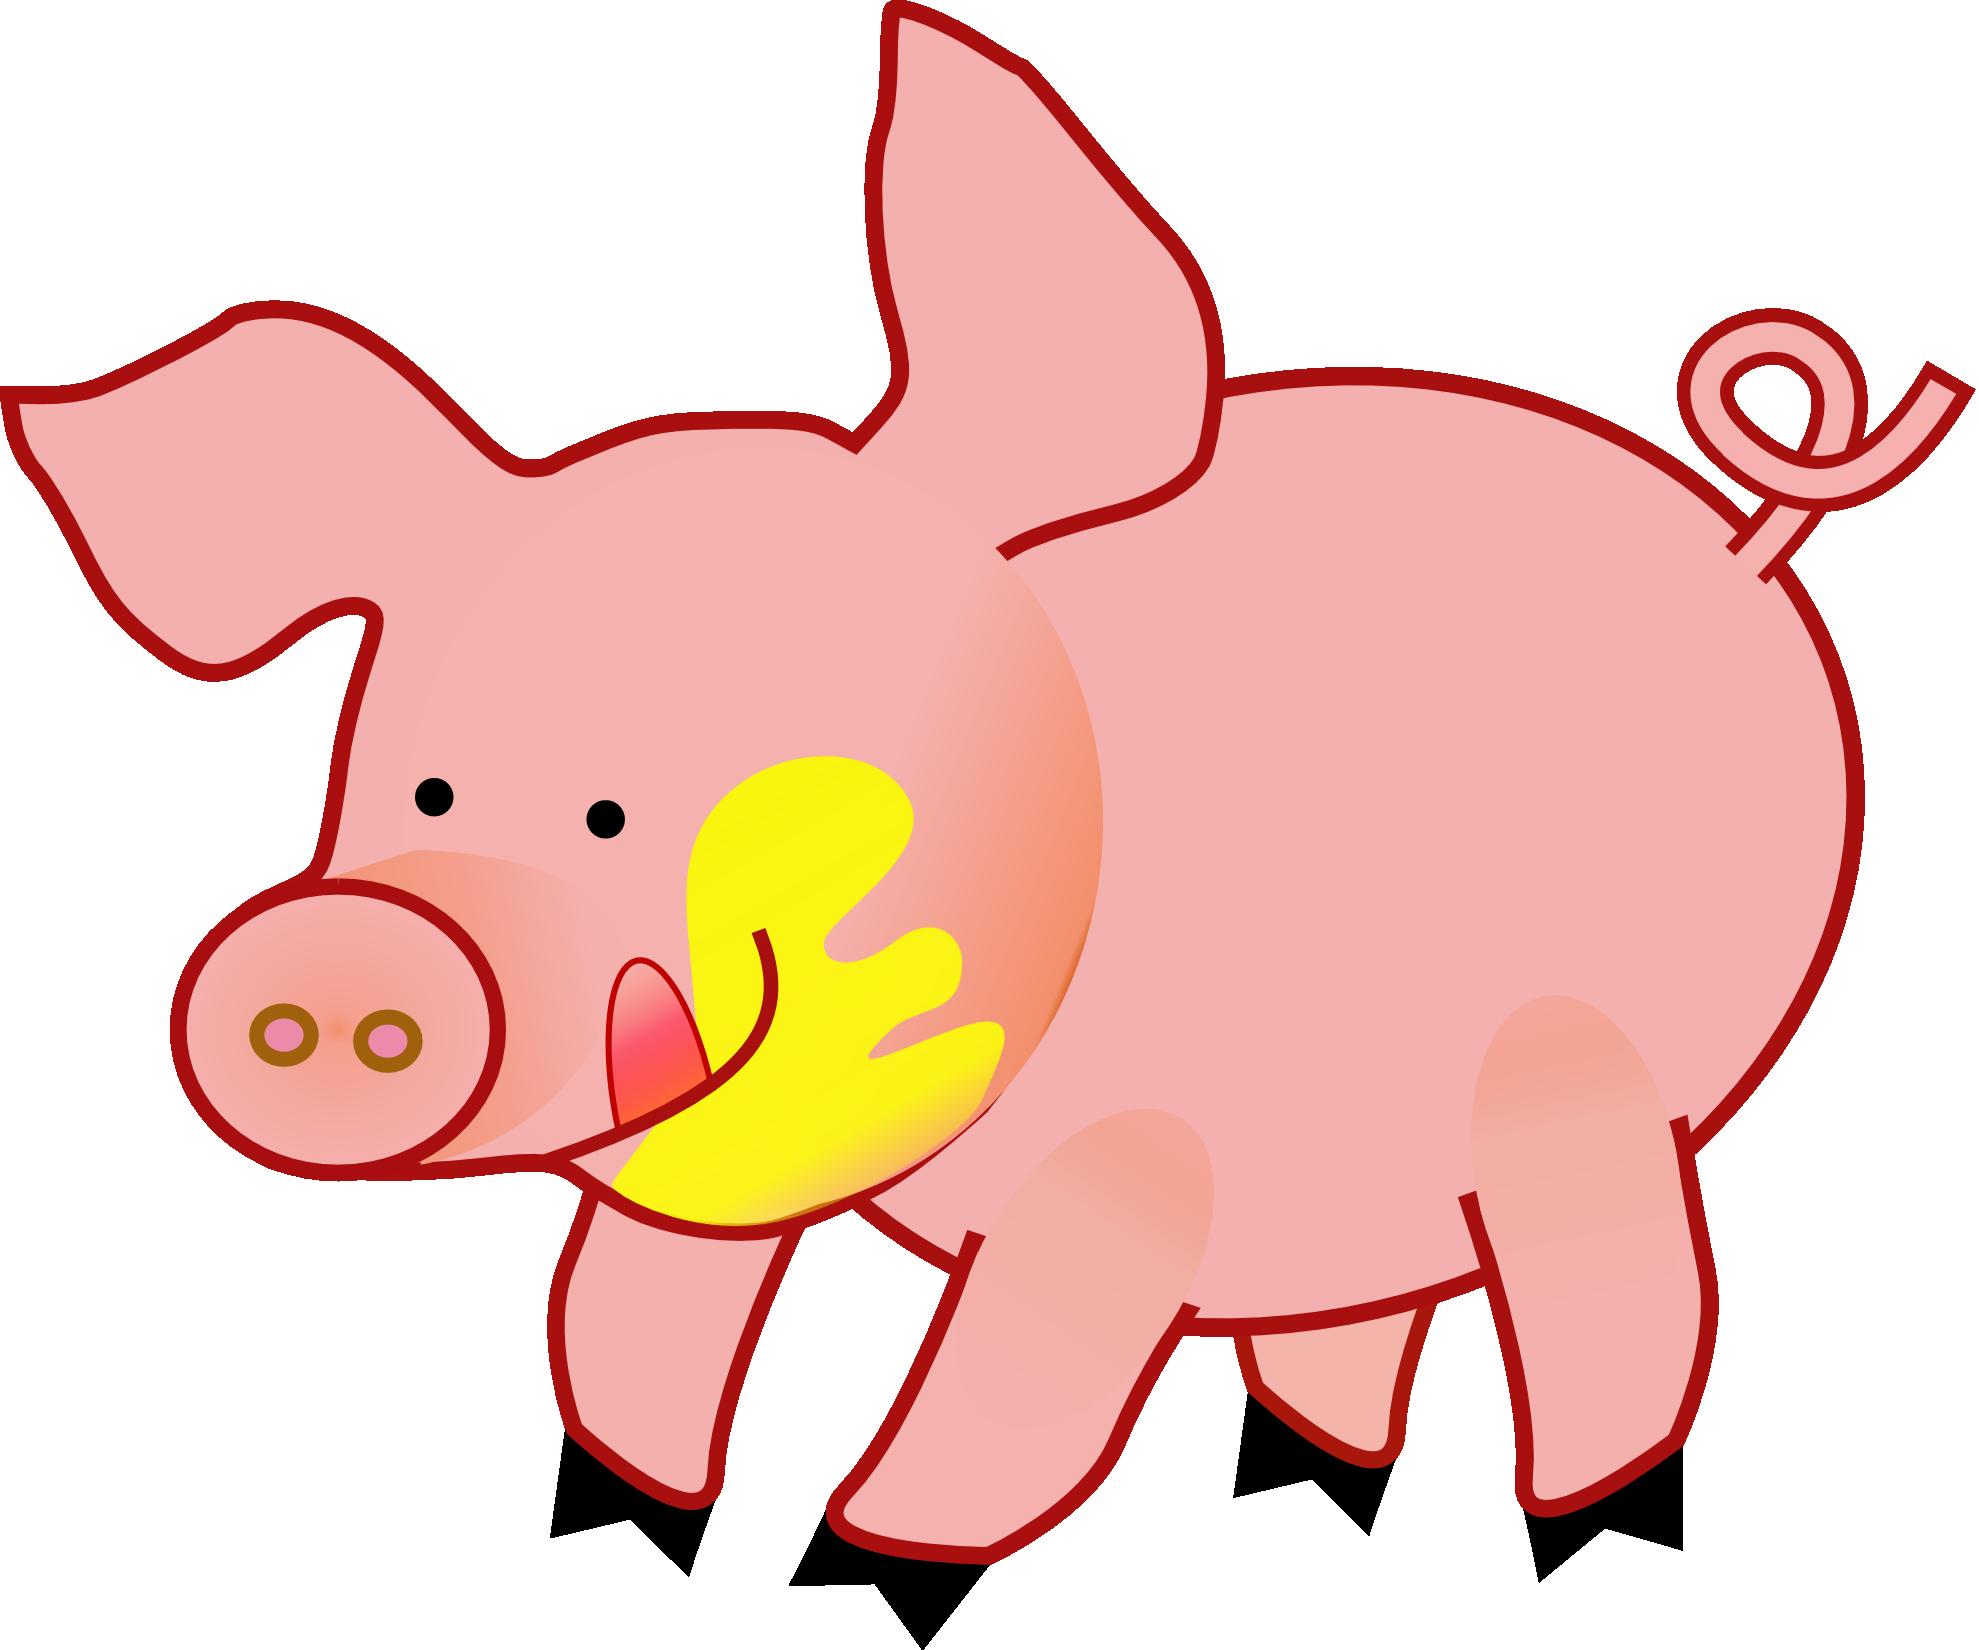 Pig clip art cartoon free clipart images.